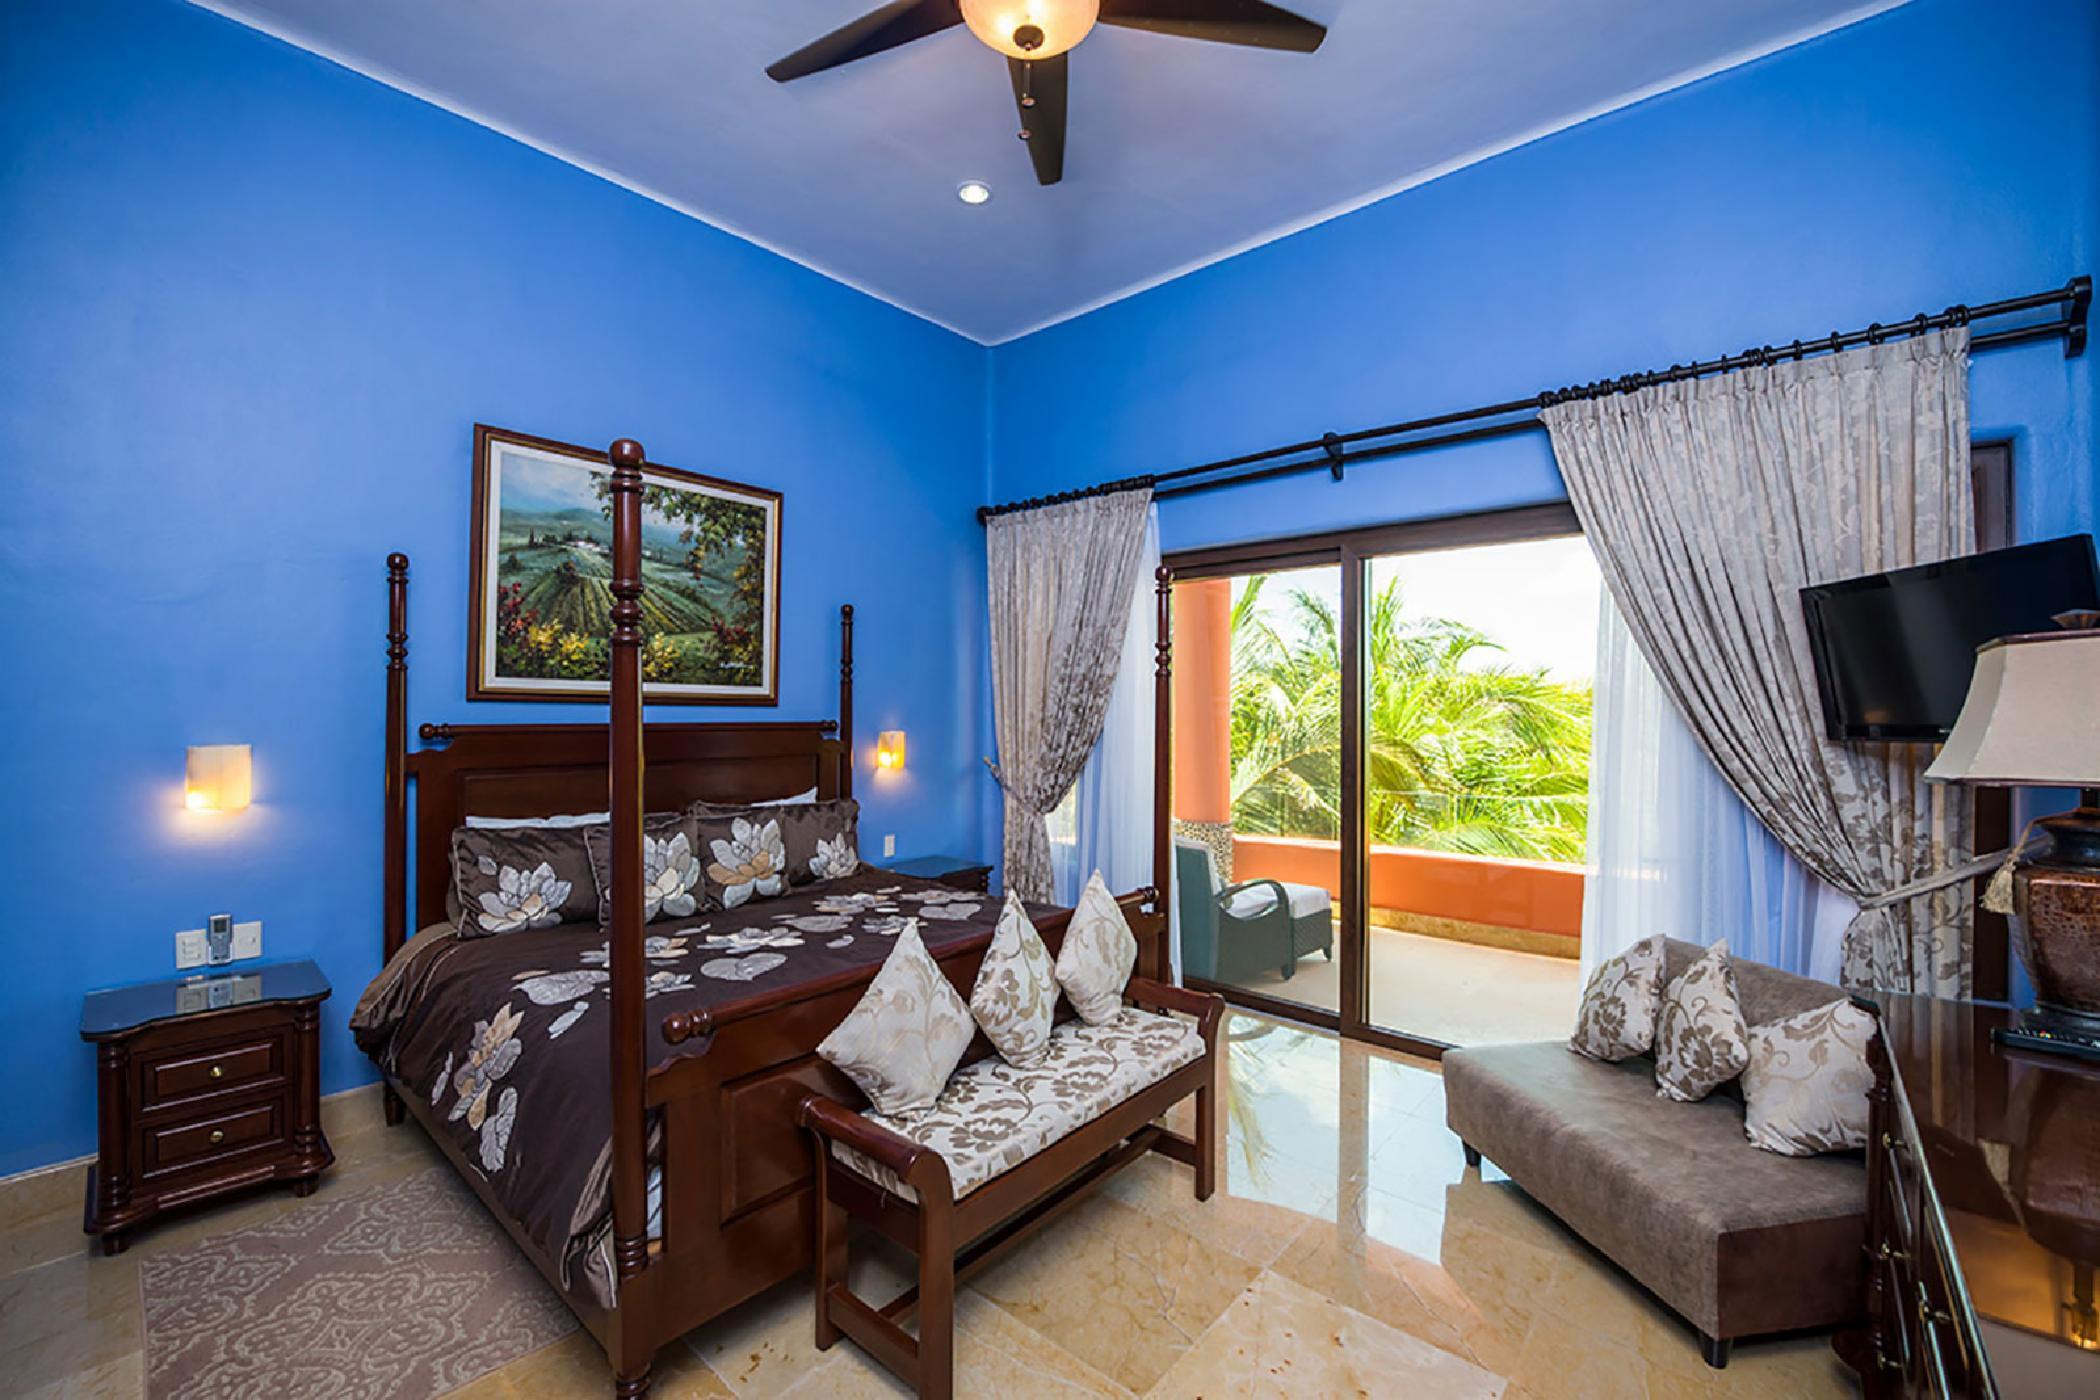 Maya_Luxe_Riviera_Maya_Luxury_Villas_Experiences_Tankah_Bay_Tulum_8_Bedrooms_Cenote_del_Mar_12.jpg